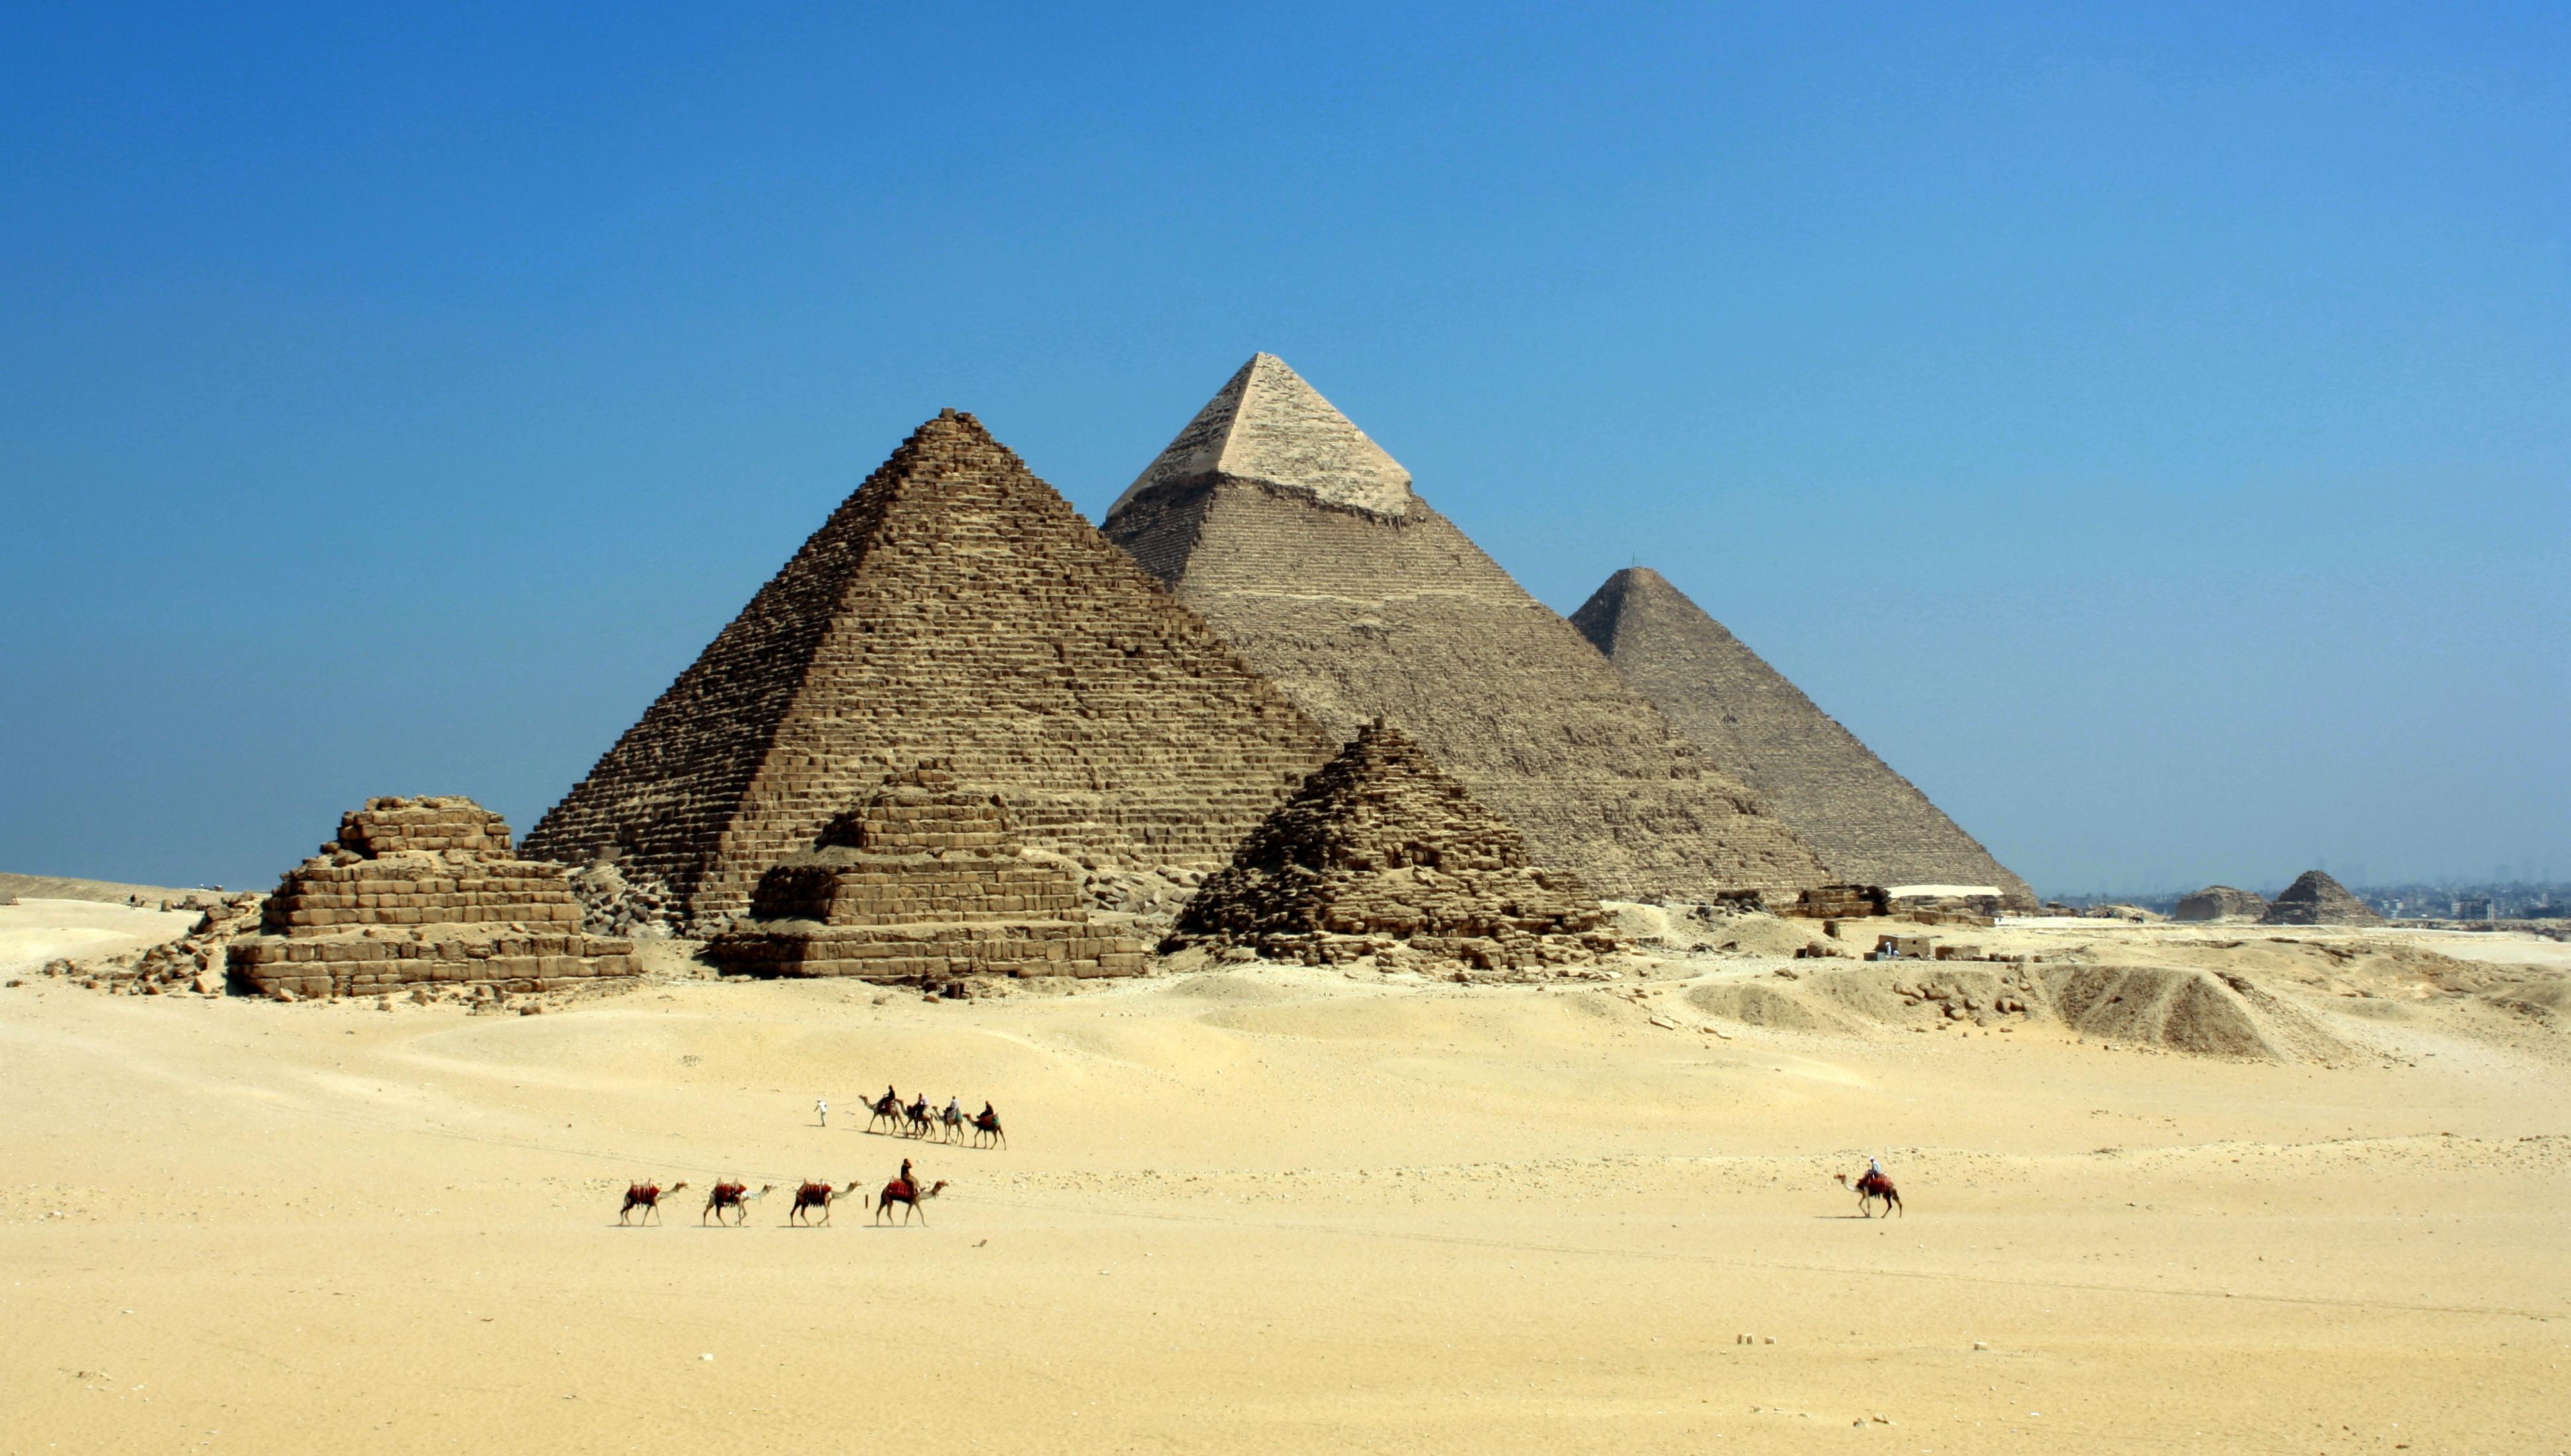 Gambar Pasir Gurun Monumen Piramida Langit Biru Mesir Tanah